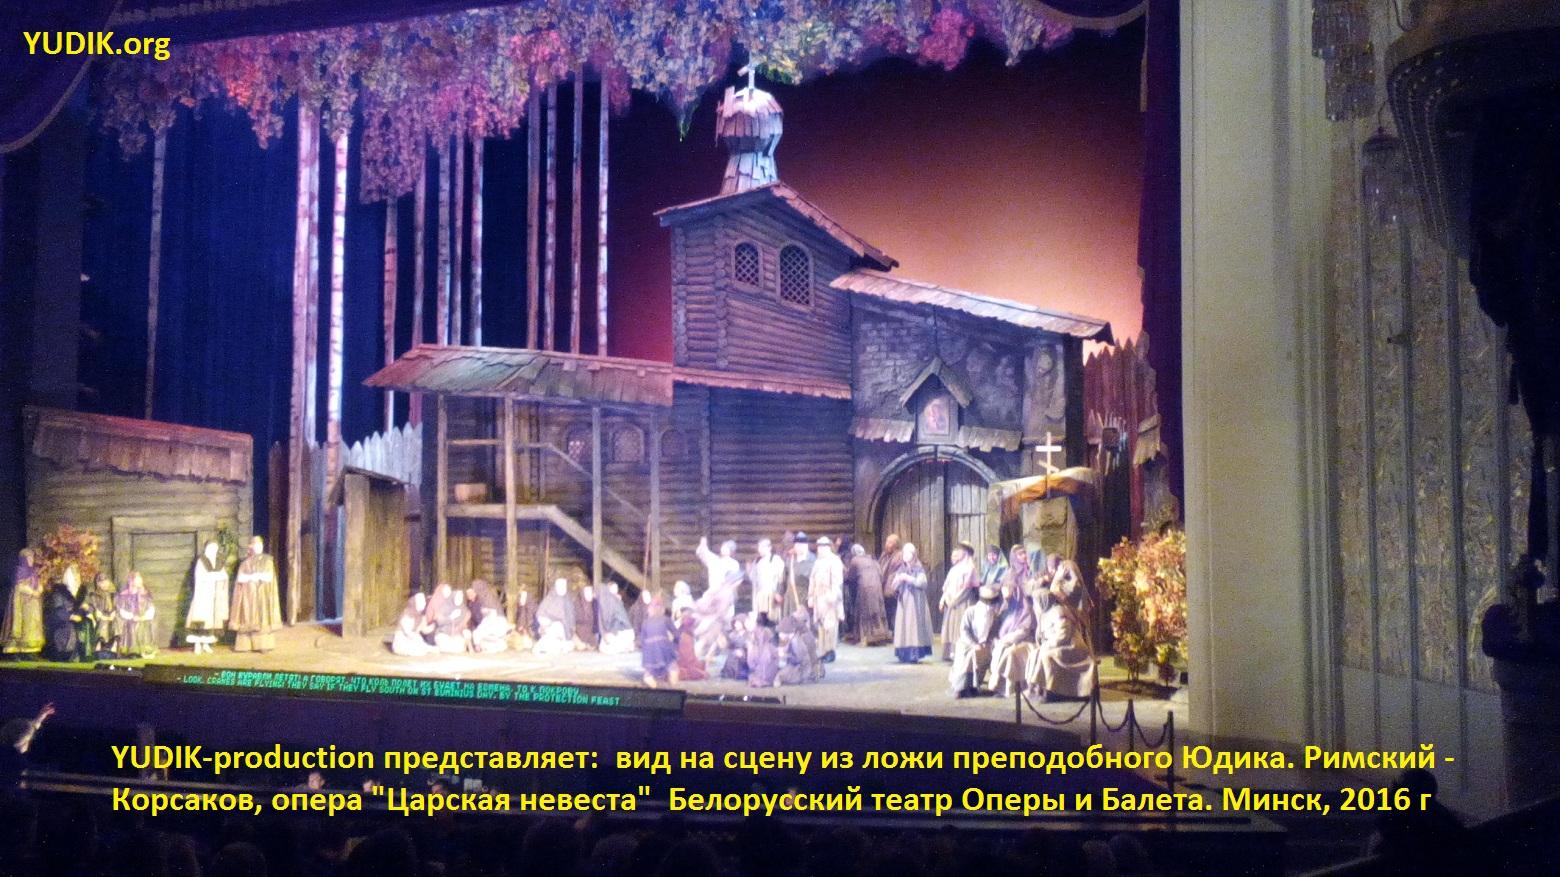 rimskij-korsakov-carskaya-nevesta-01